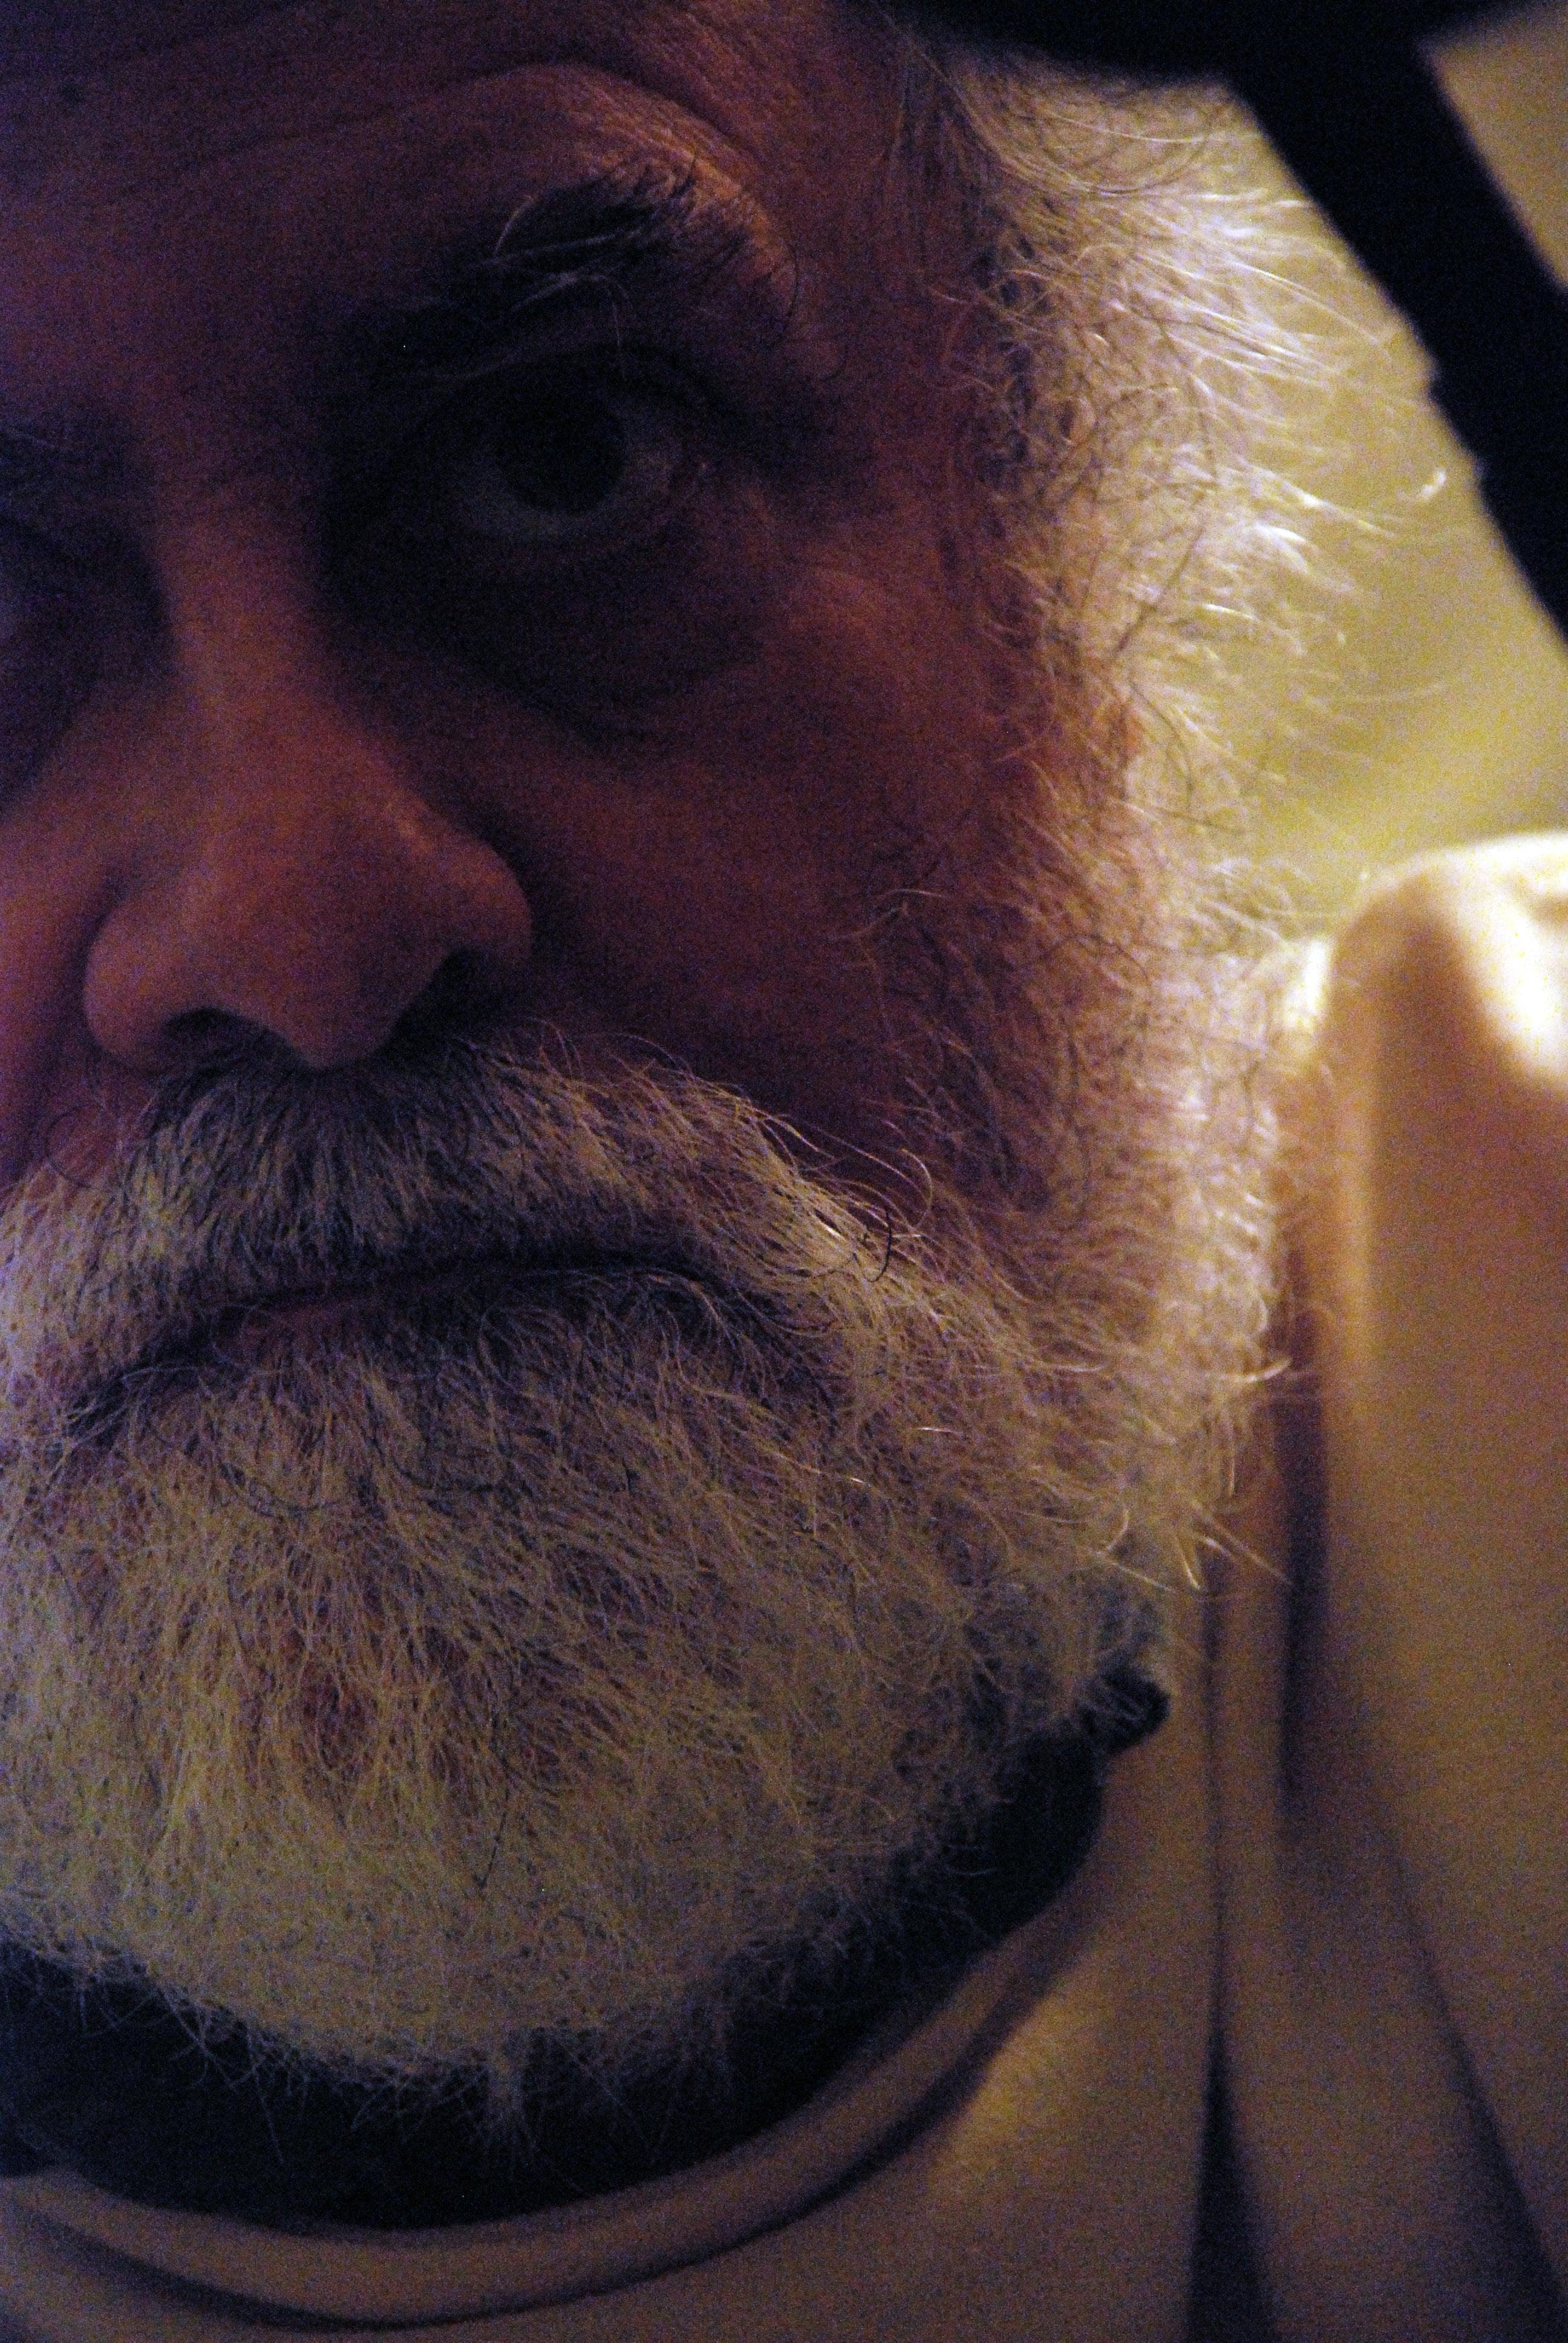 Appassionati alla fotografia con Augusto Barbieri - Augusto Barbieri - Fotografo in Busto Arsizio